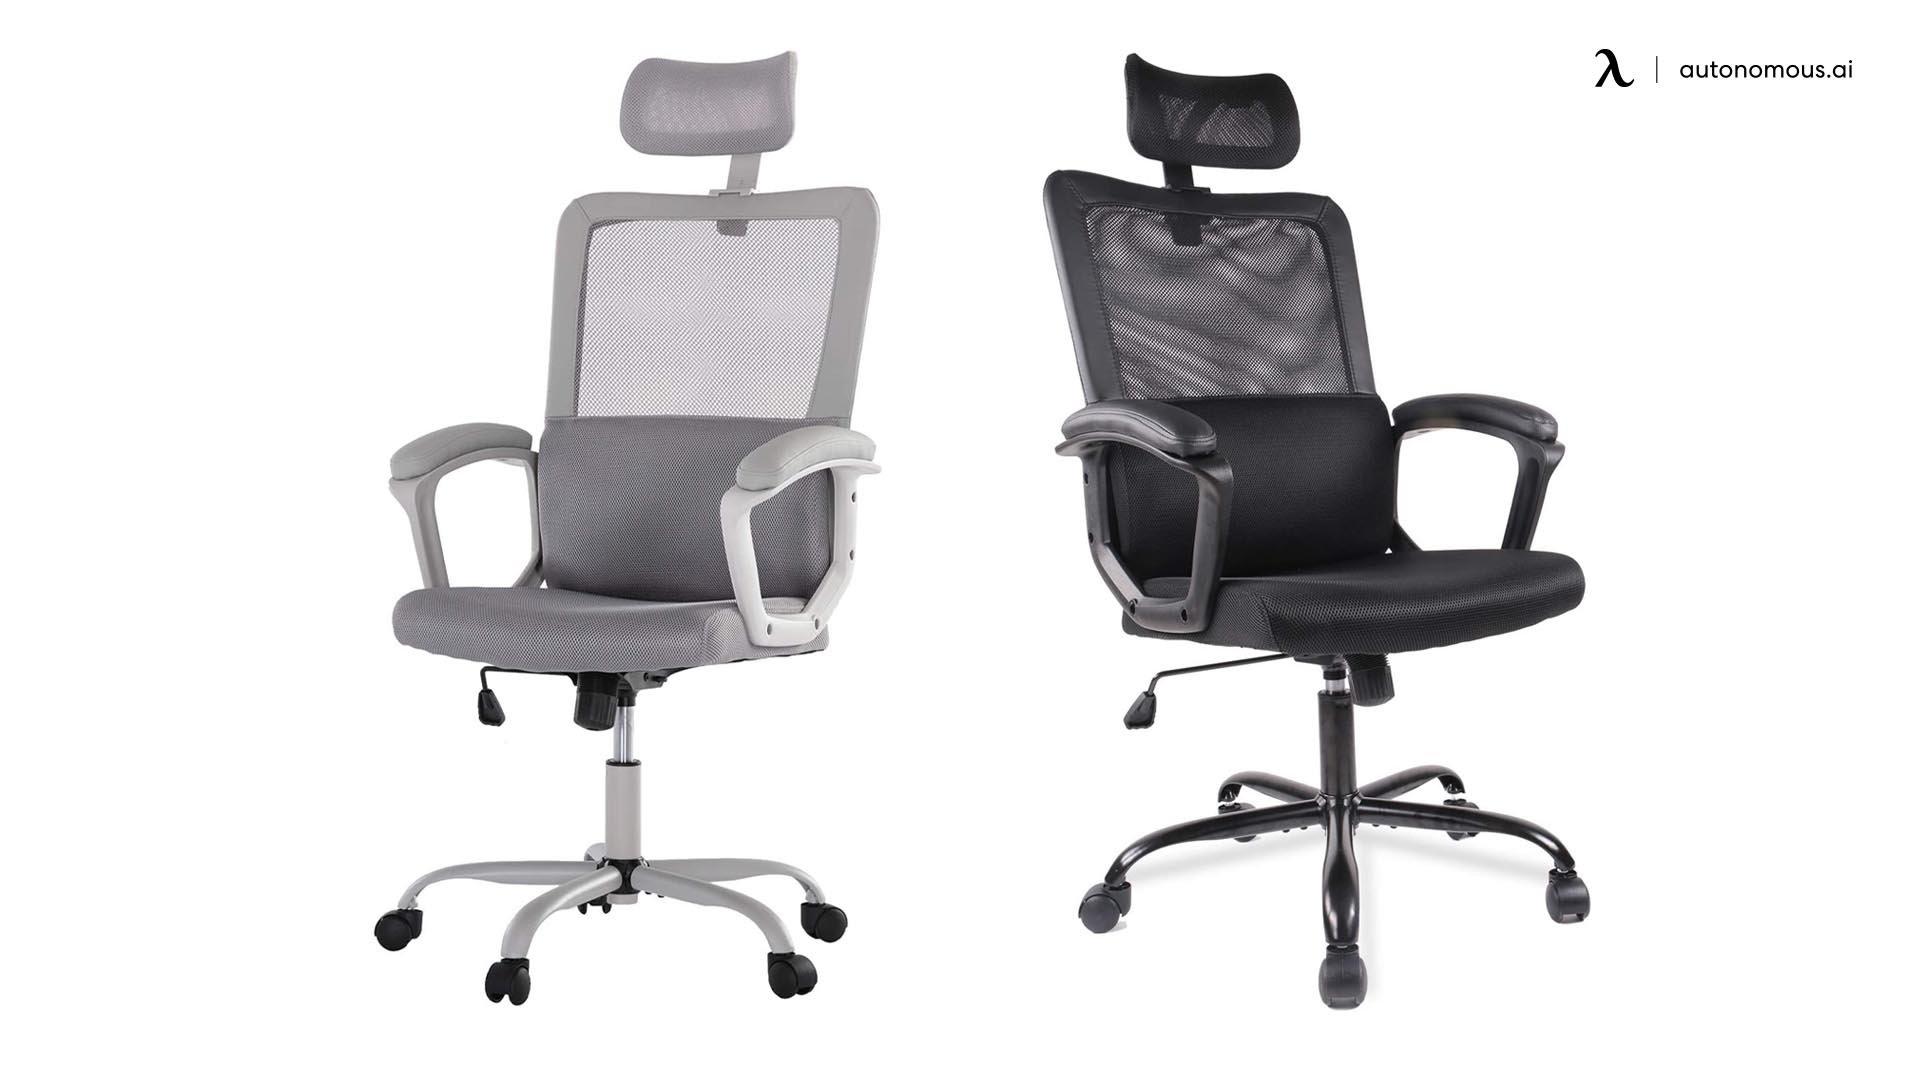 SMUGDESK High Back Ergonomic Mesh Desk Office Chair